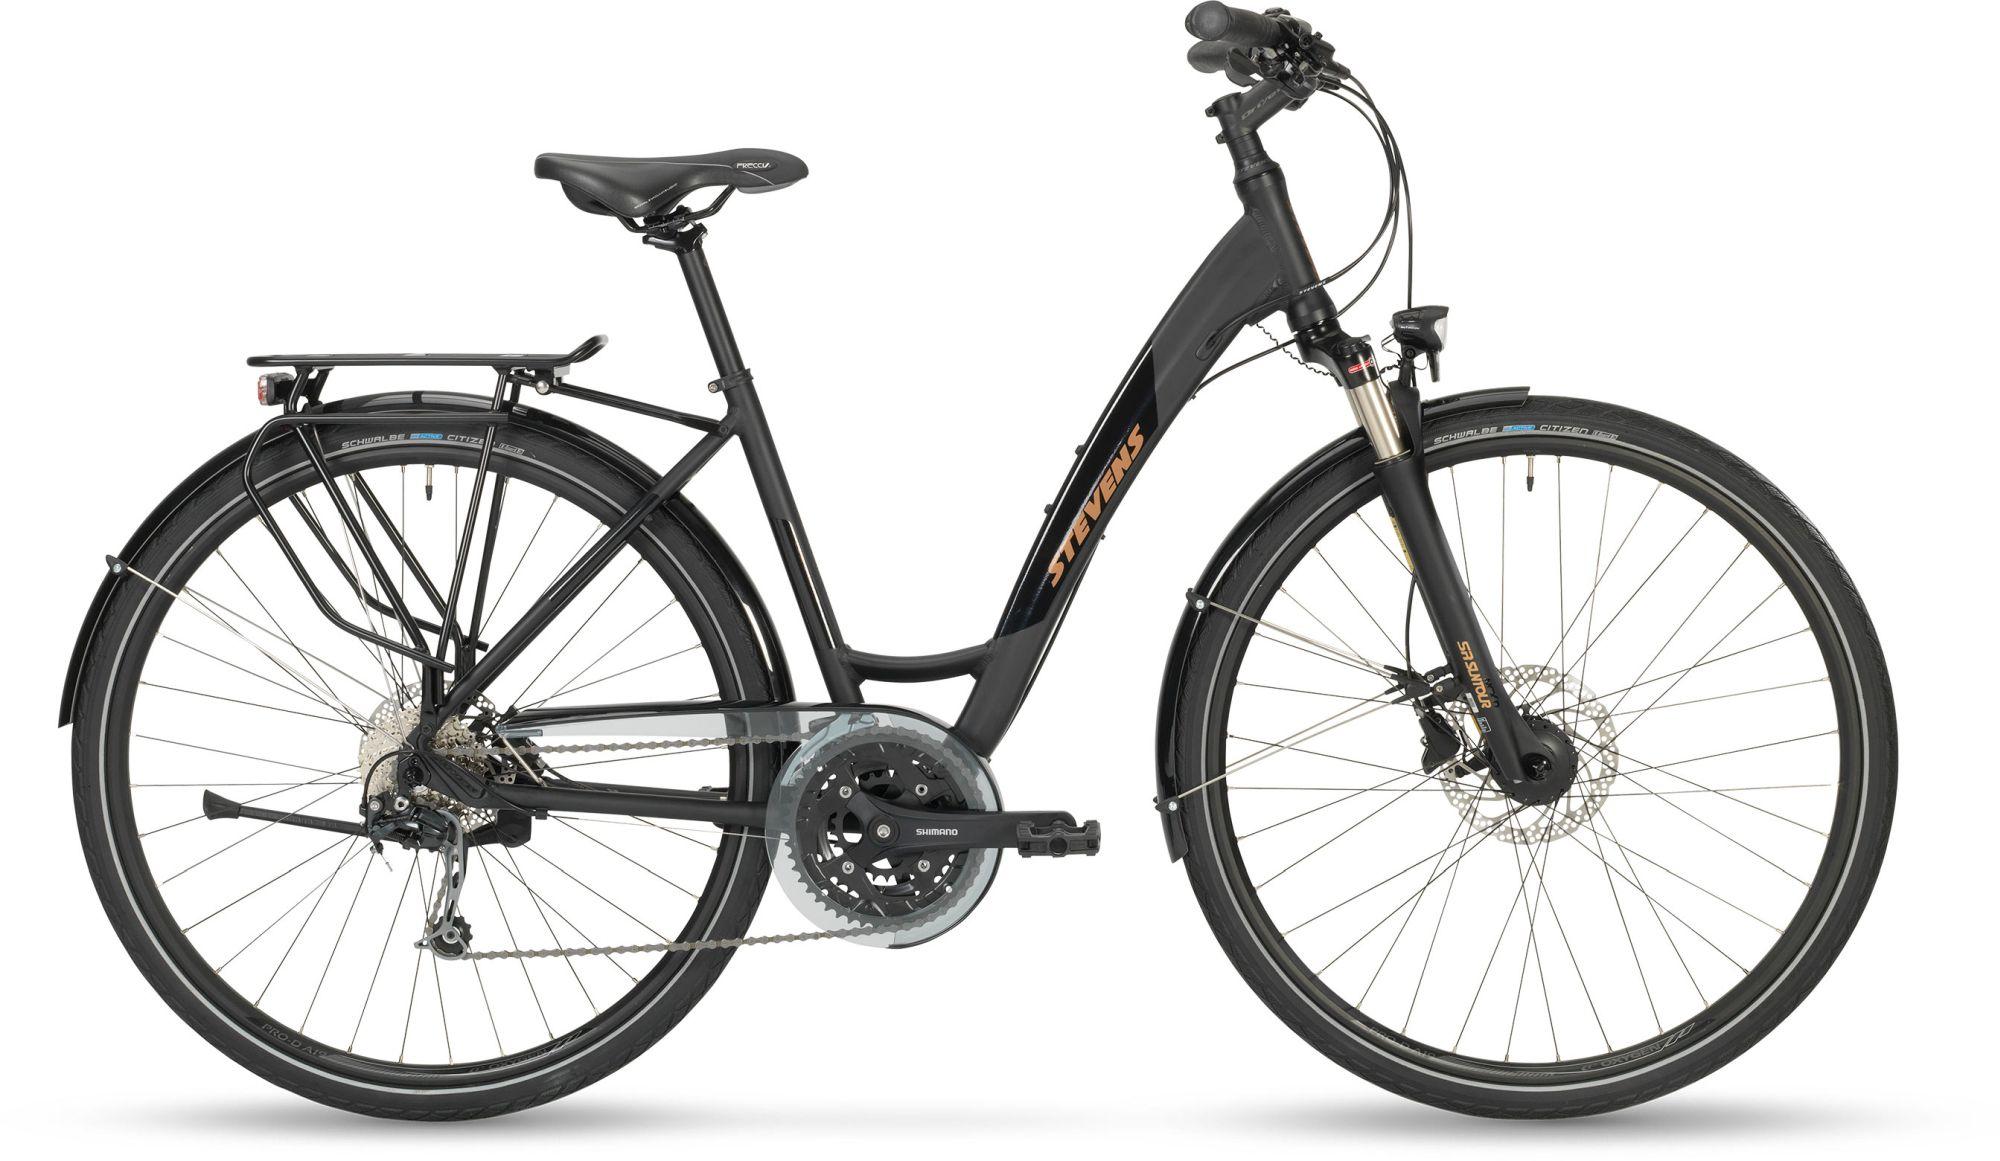 Fahrräder/Trekkingräder: STEVENS  Savoie Forma 27 Gang Kettenschaltung Damenfahrrad Wave Modell 2019 28 Zoll 56 cm